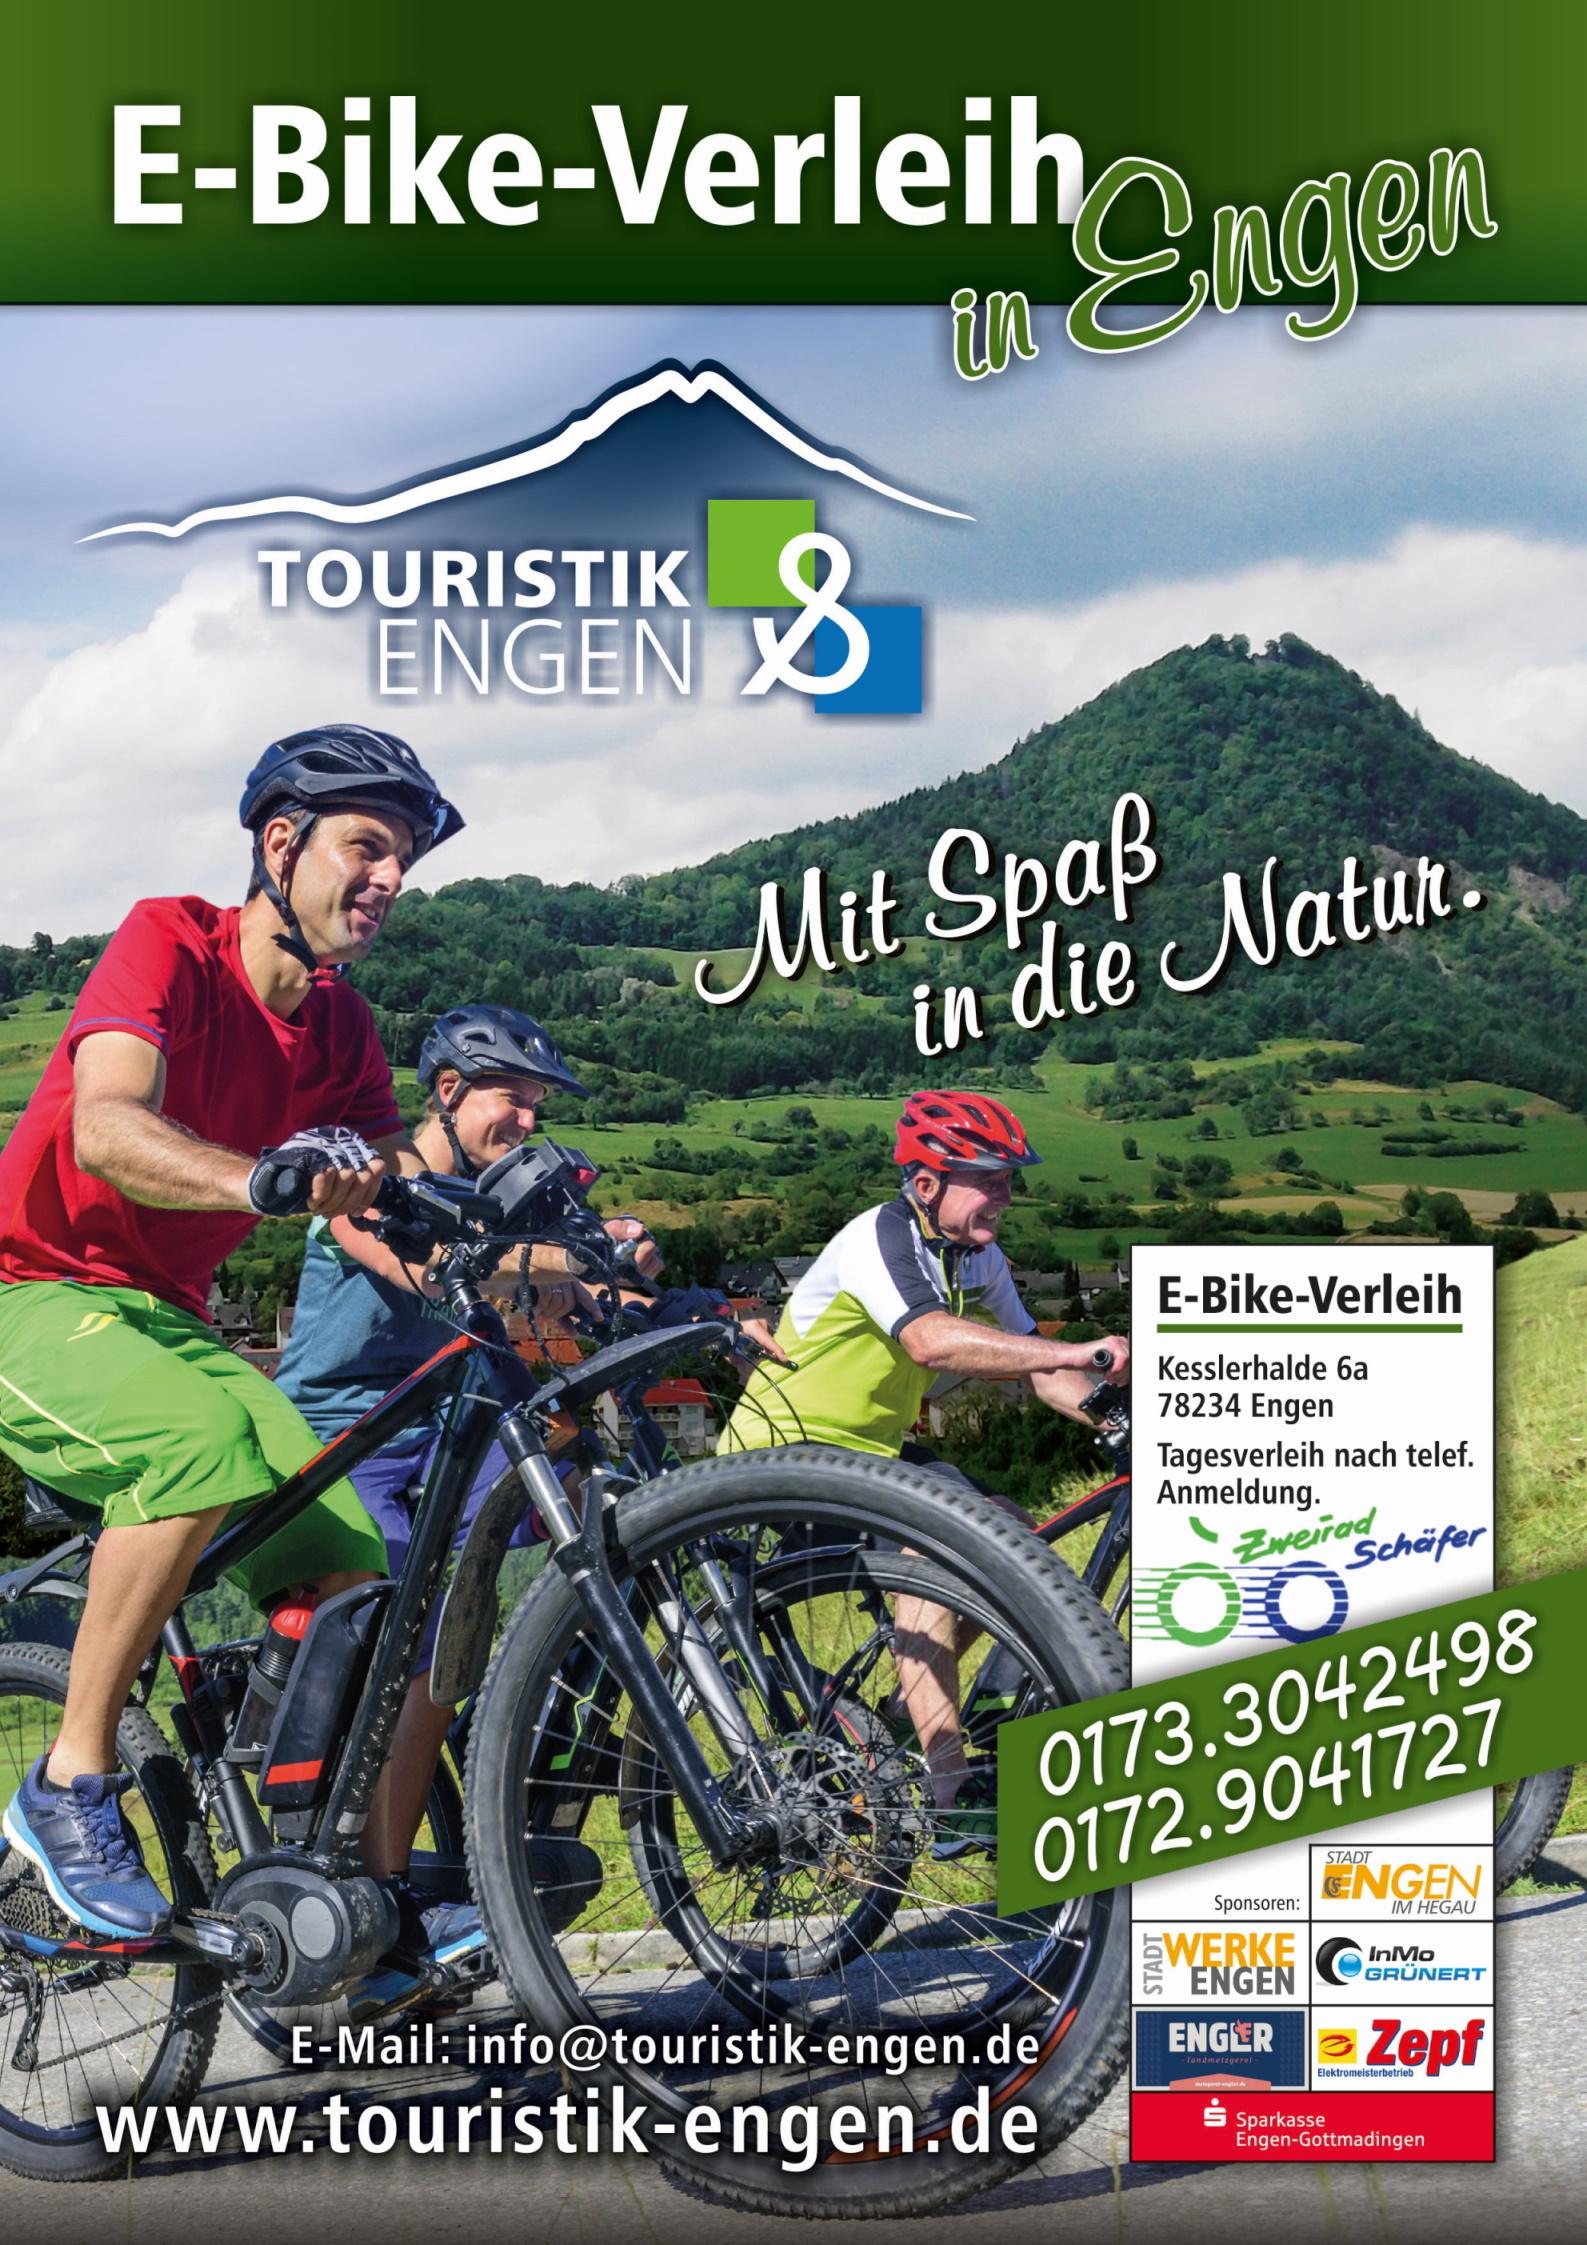 Touristik-Engen_Plakat_E-Bike-Genuss_2020-06-08_300dpi_A4